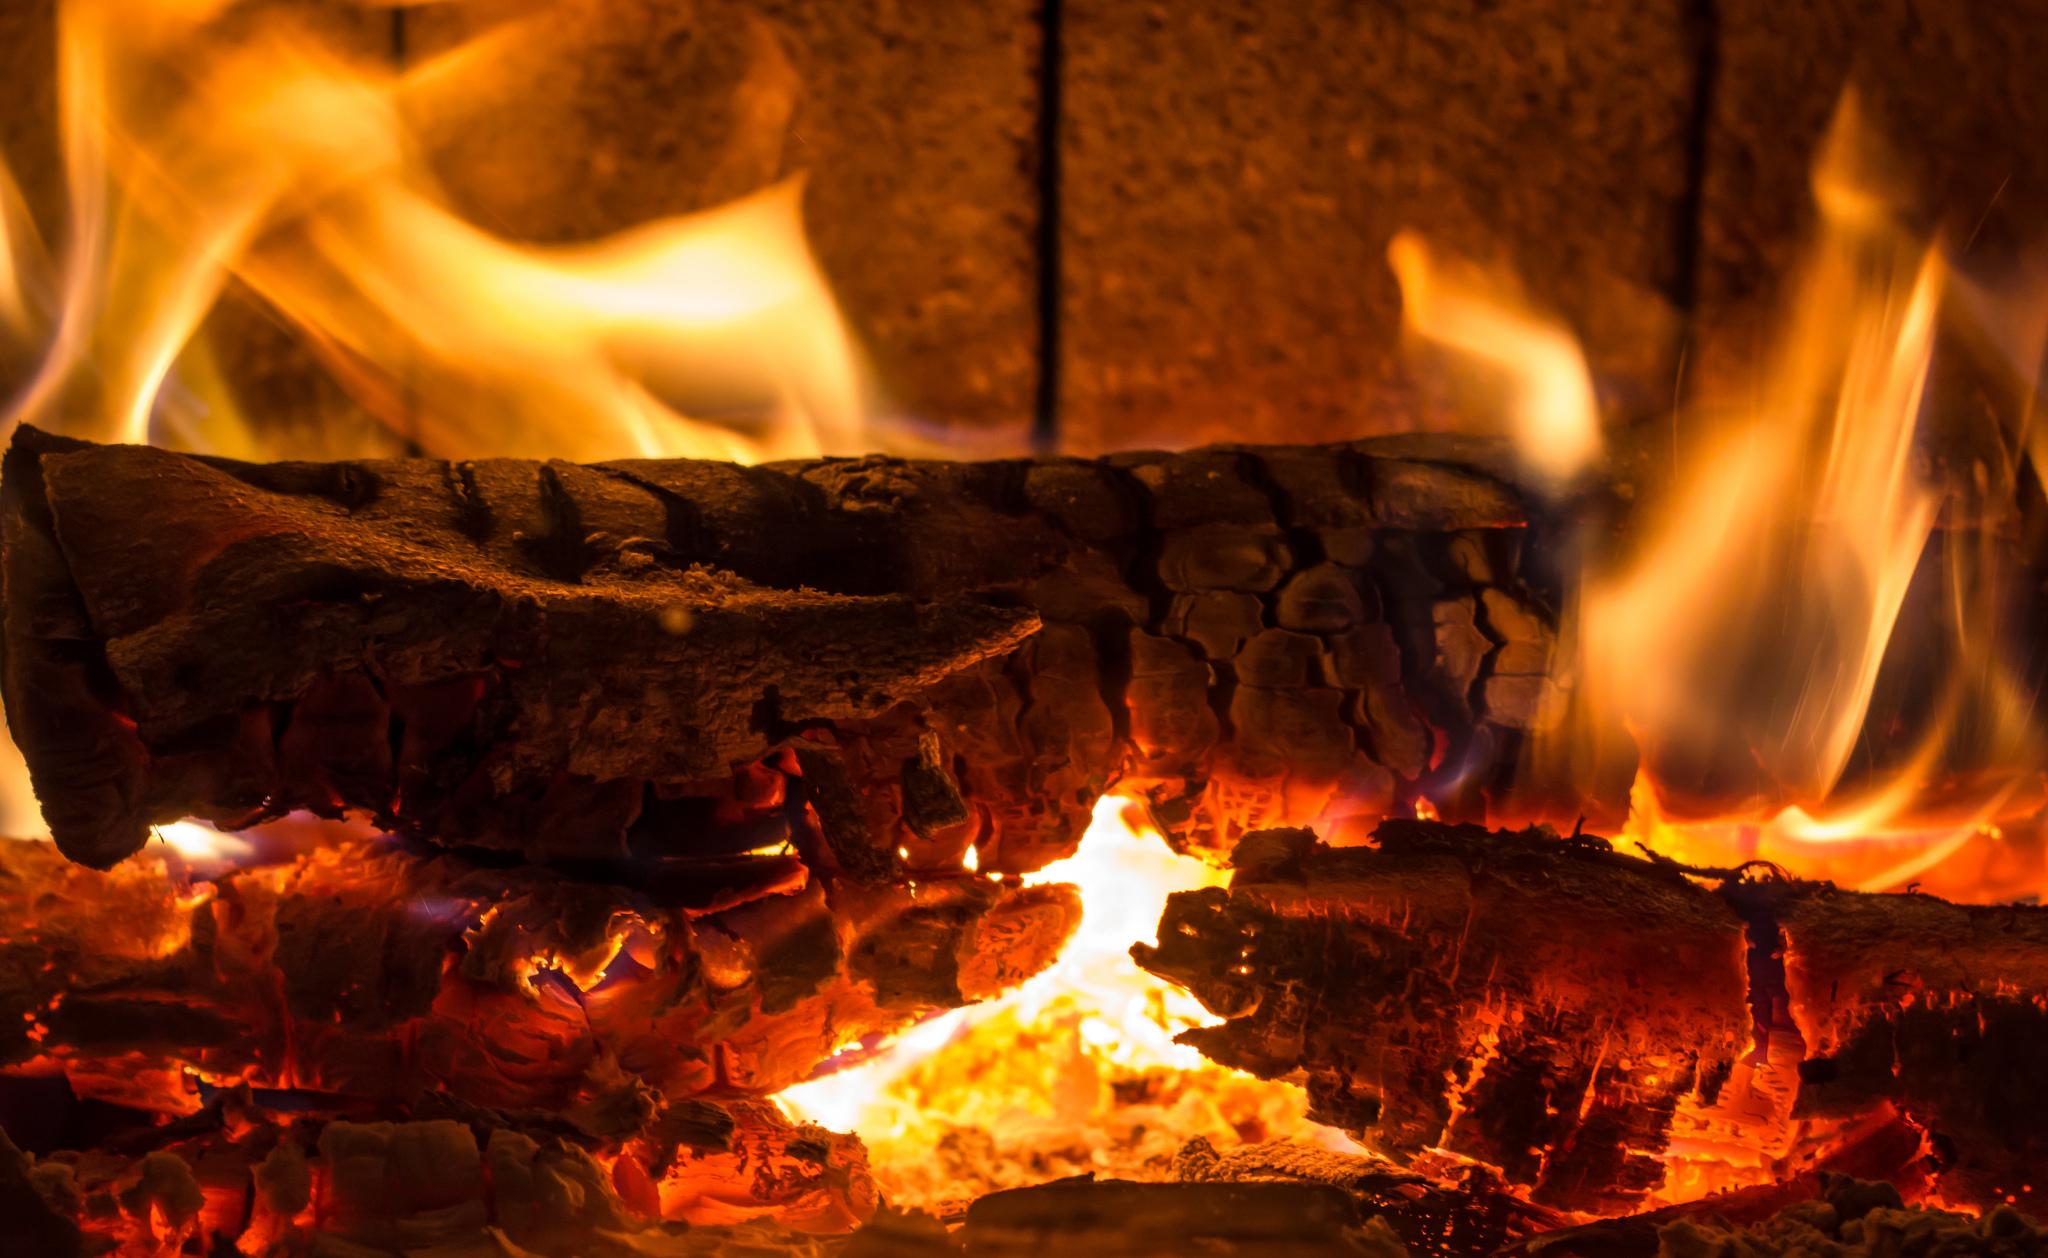 этом фото камина с огнем высокого разрешения вживую, хотя